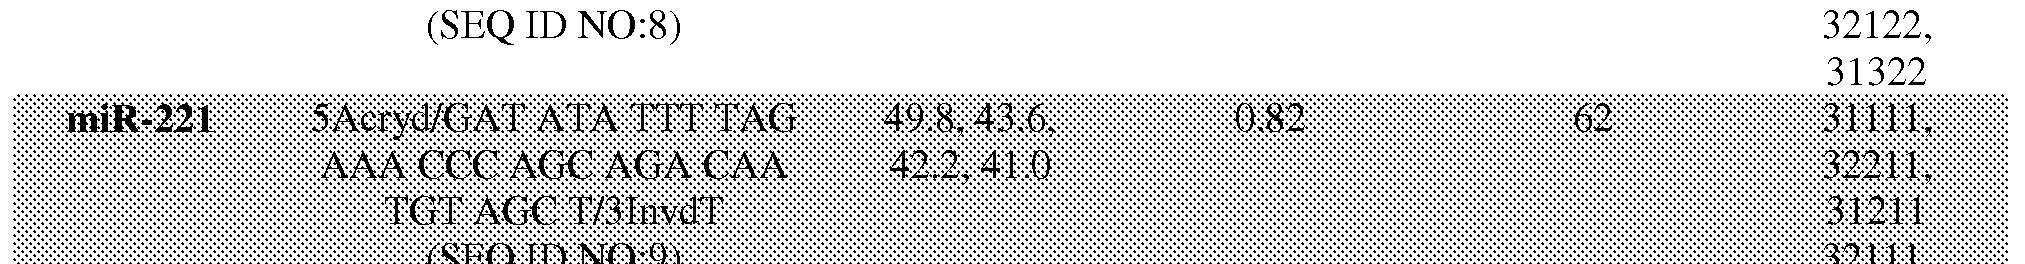 Figure imgf000061_0005